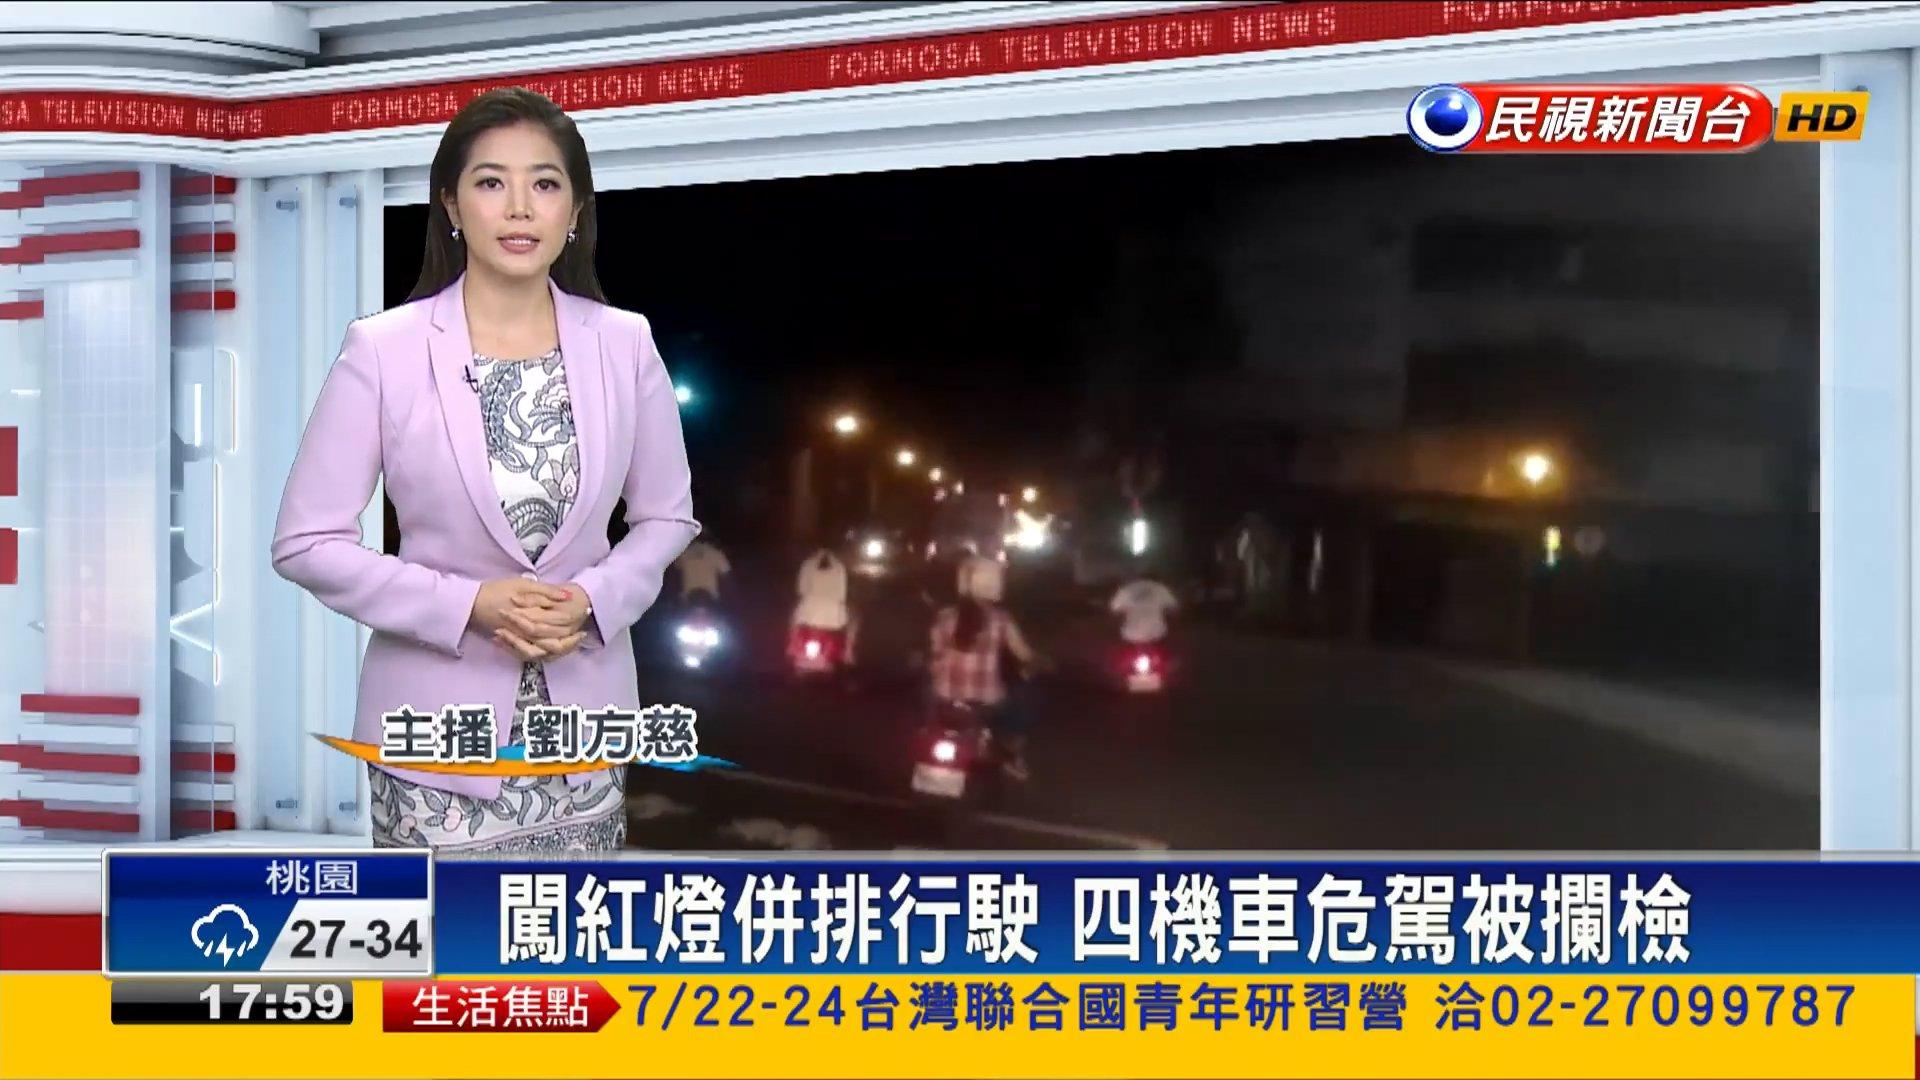 民視 Twitter: 原來生活是這樣: 2016.06.24 民視主播 劉方慈